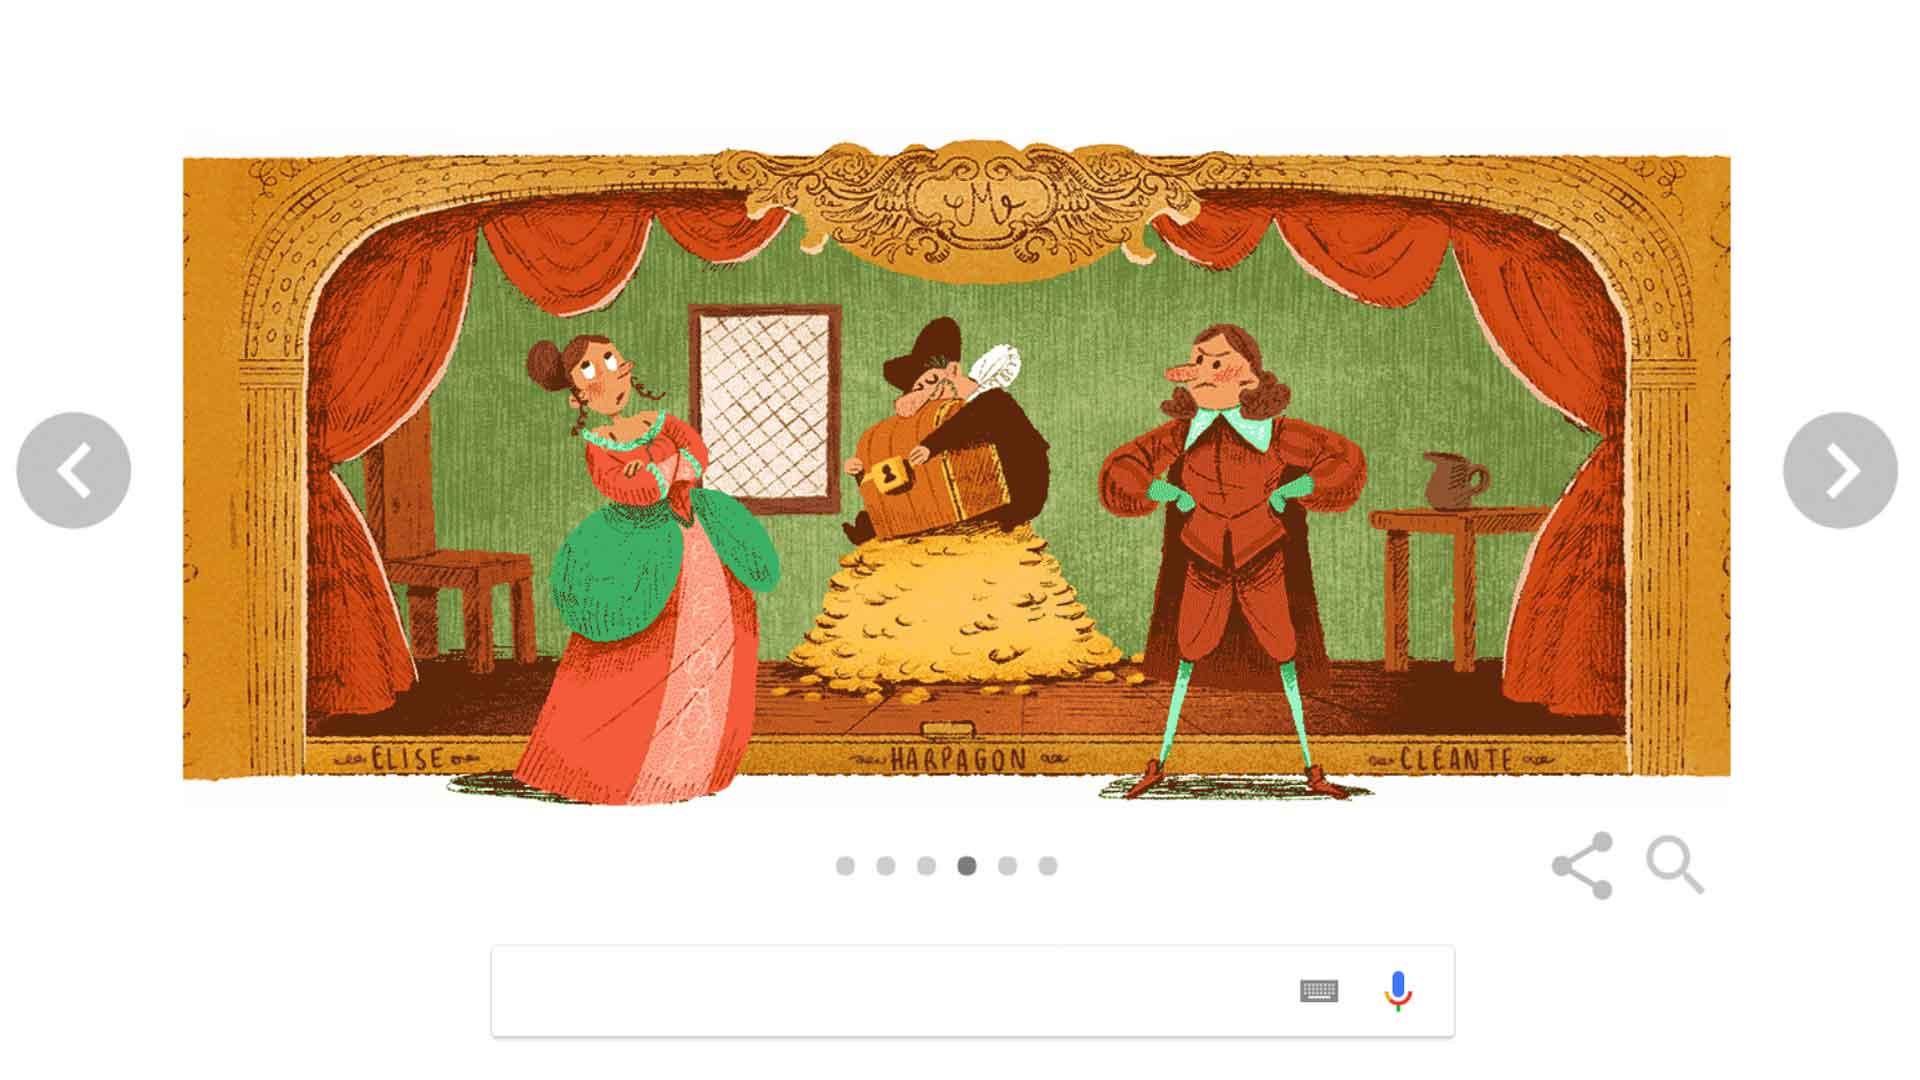 Fransız Oyun Yazarı ve Oyuncu Molière Doodle Oldu?fit=thumb&w=418&h=152&q=80